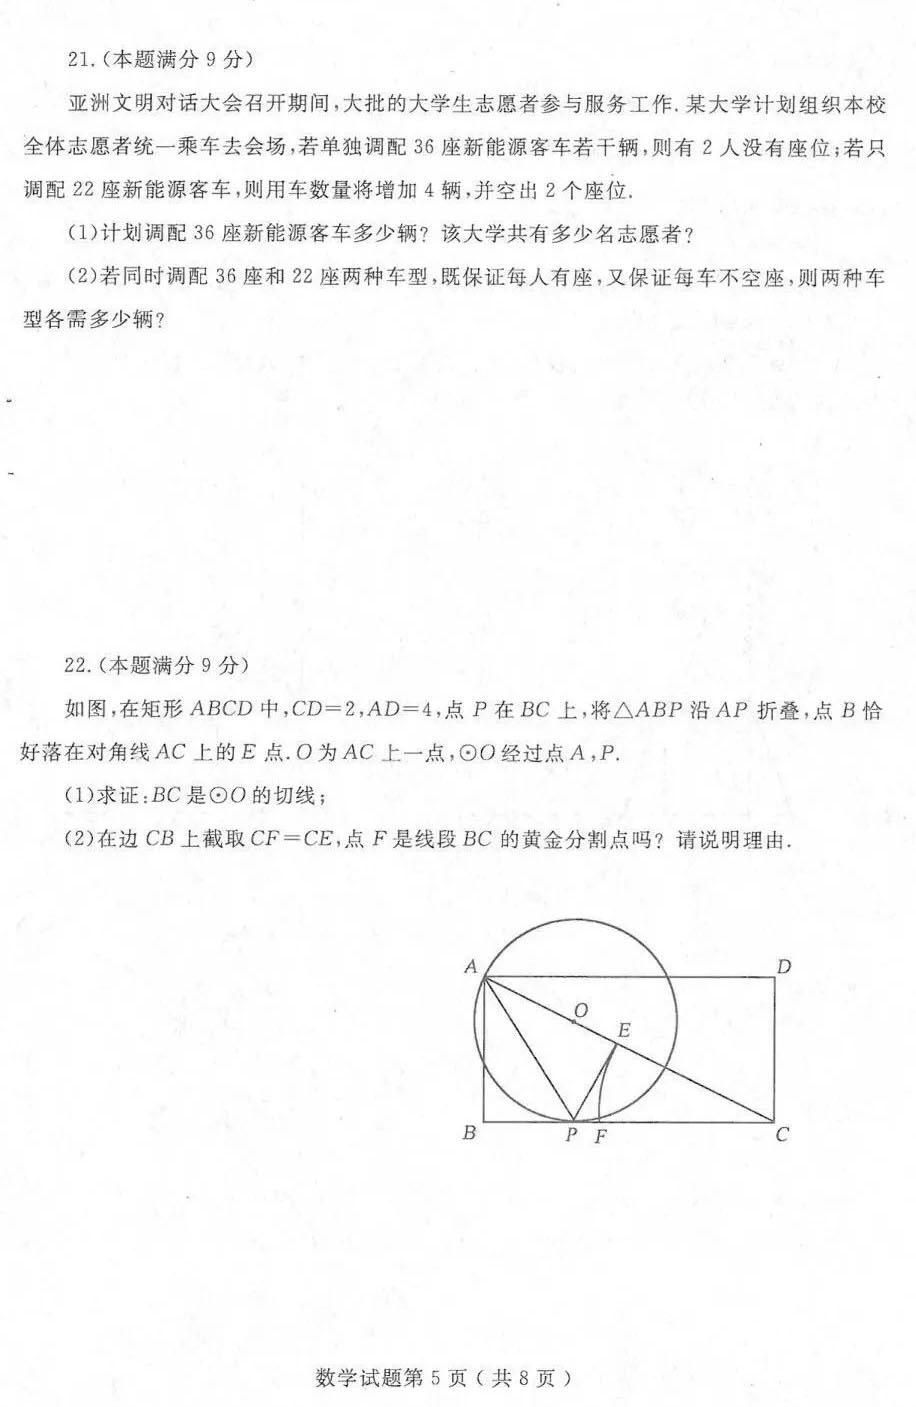 2019年山东烟台中考《数学》真题及答案已公布